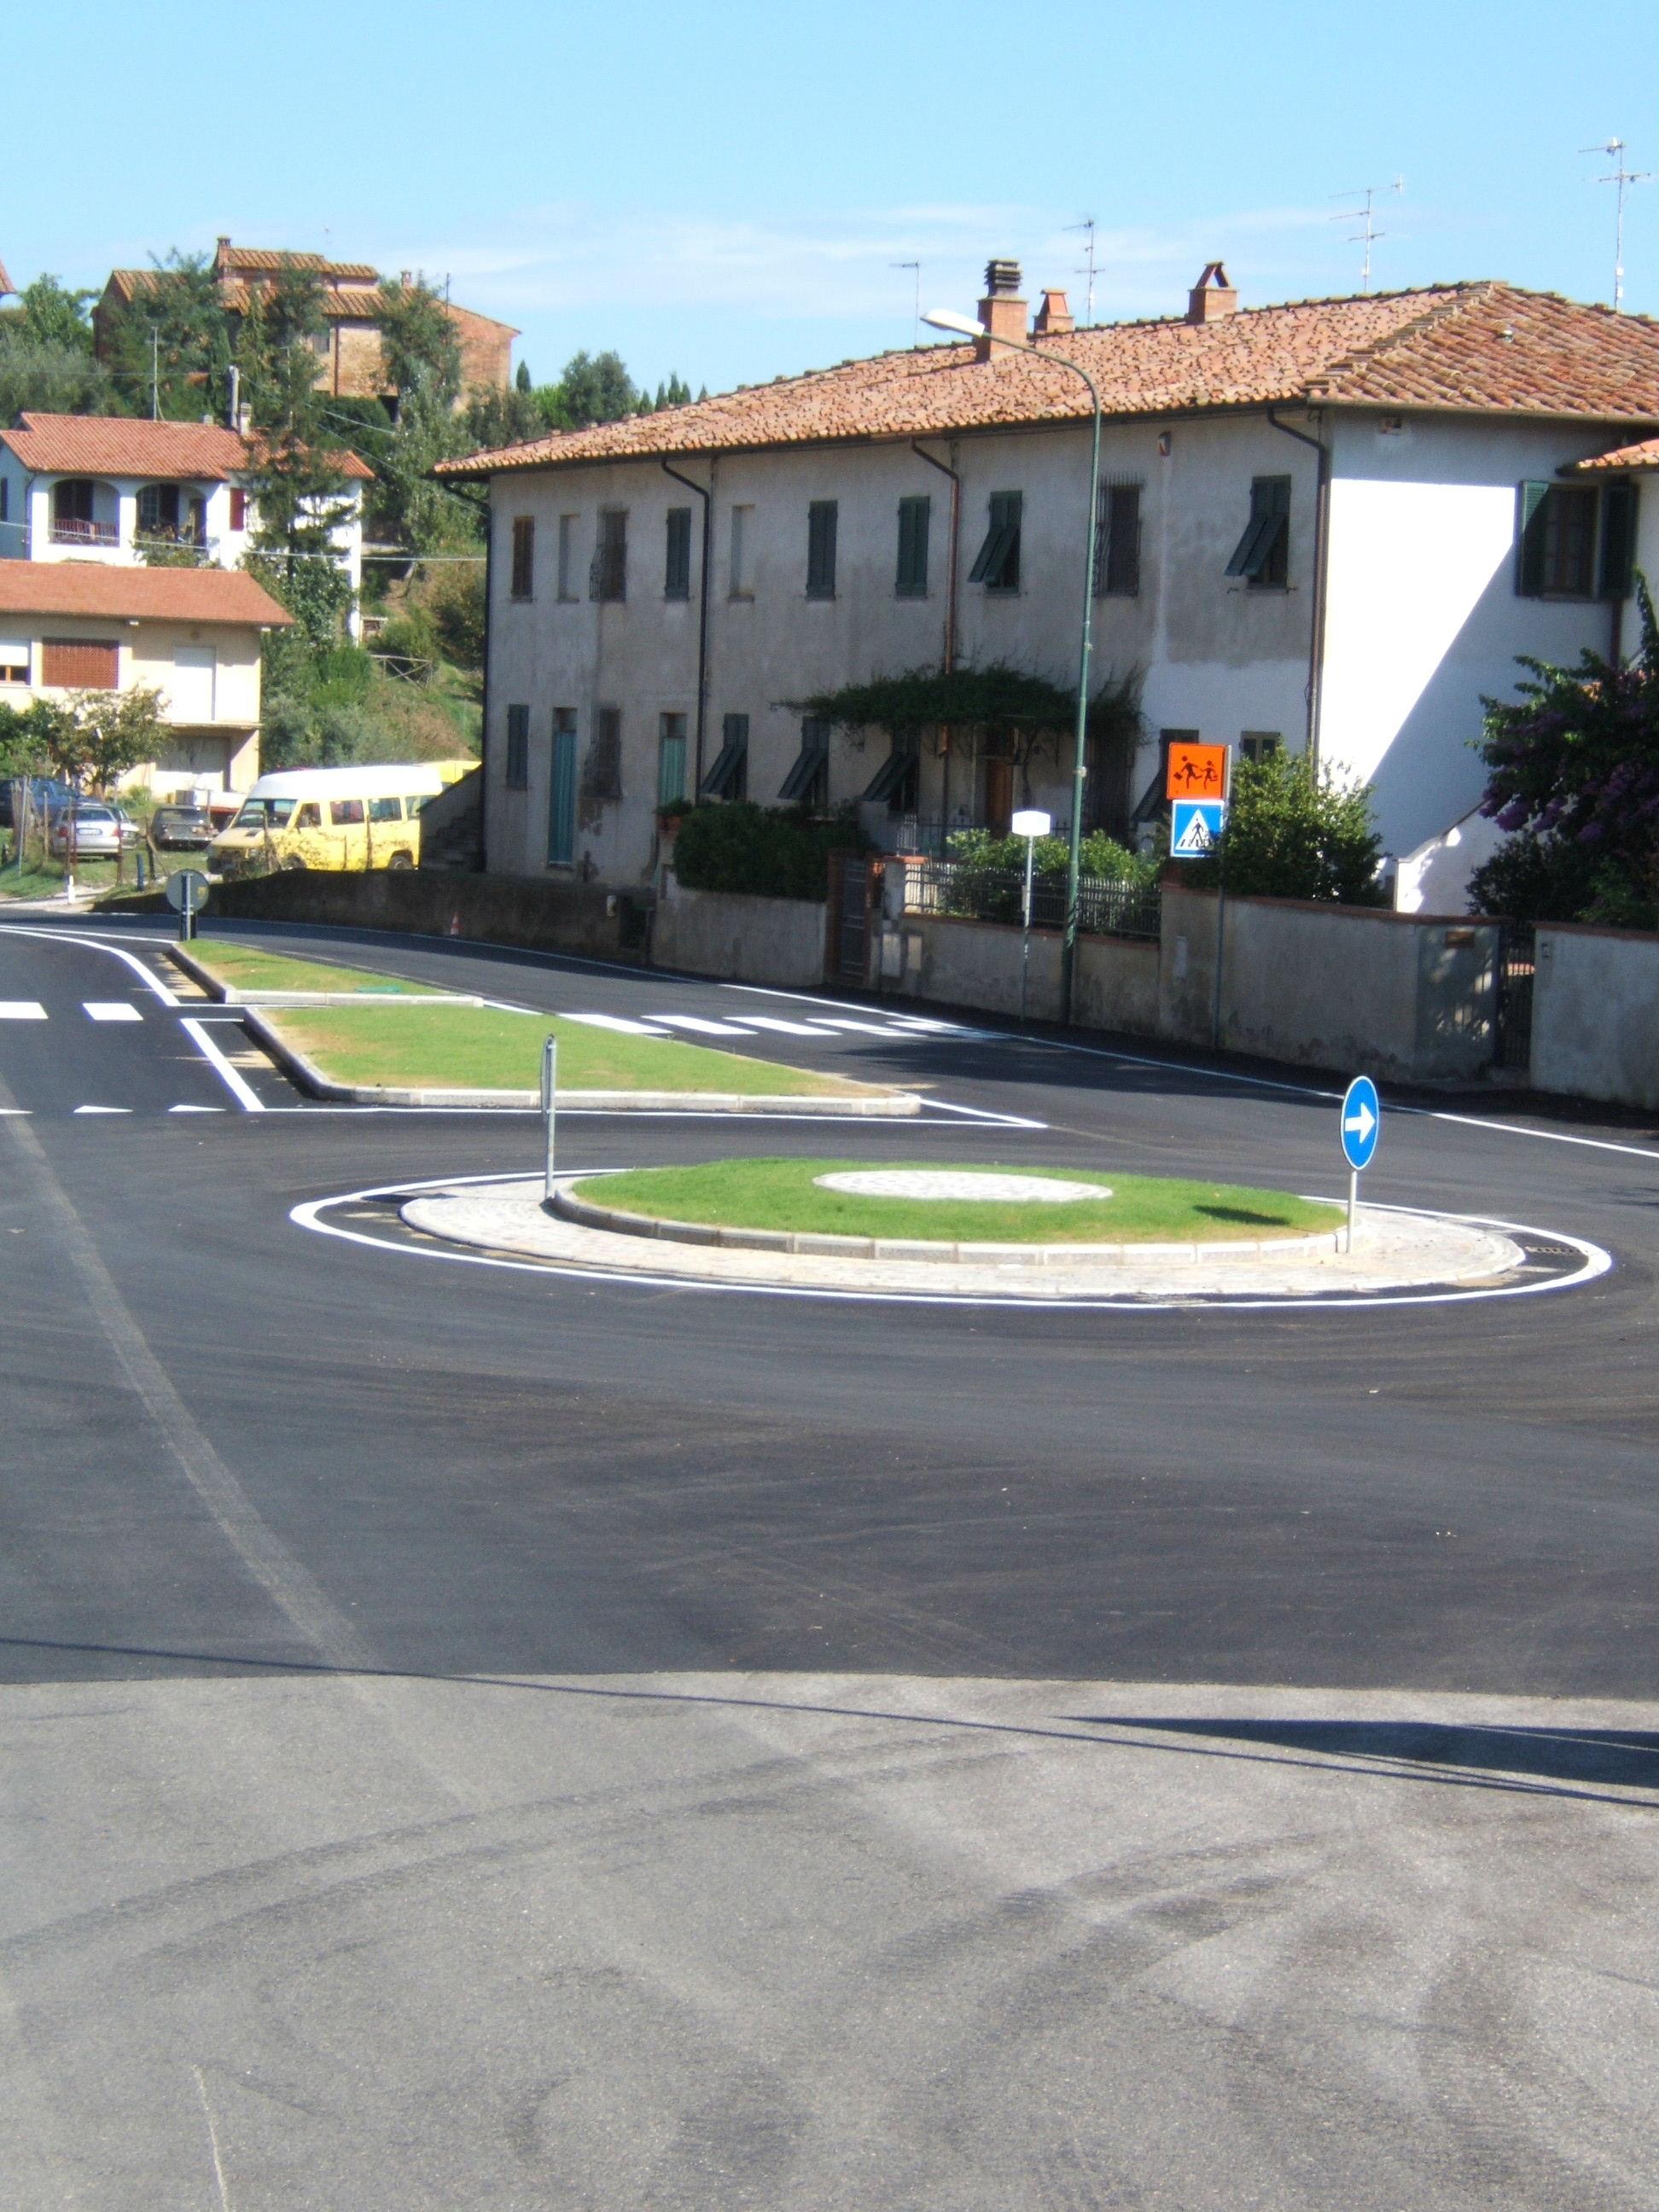 una strada con una rotonda con in mezzo dell'erba e dietro una casa